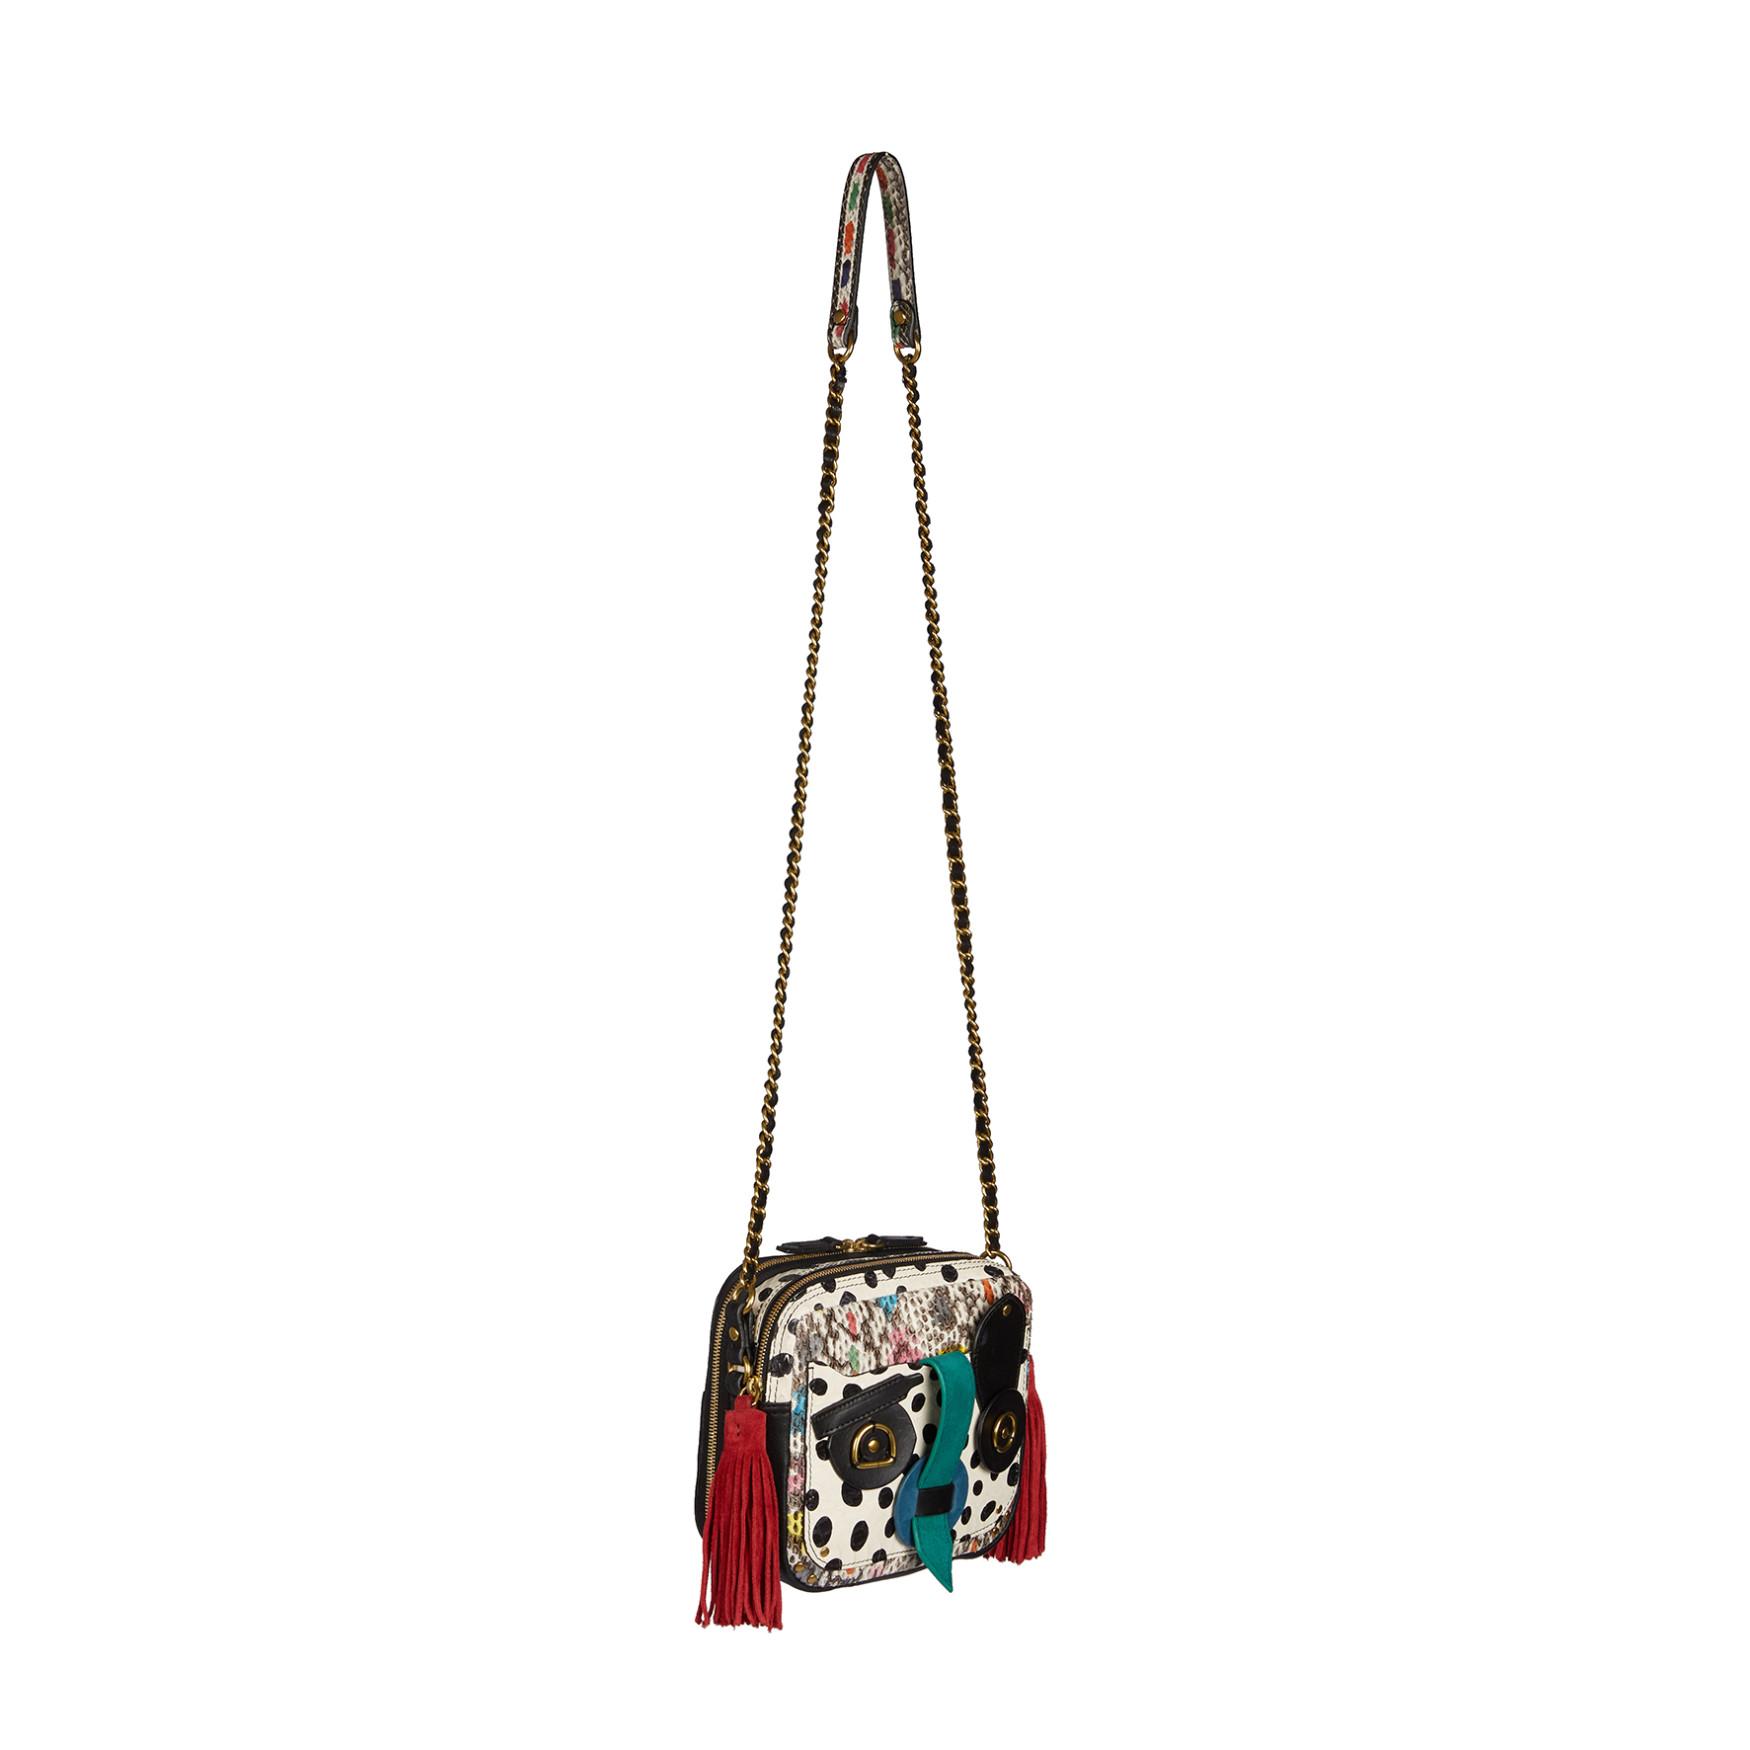 acheter pas cher 100% authentifié riche et magnifique What's in my bag ? – Mon blog de fille